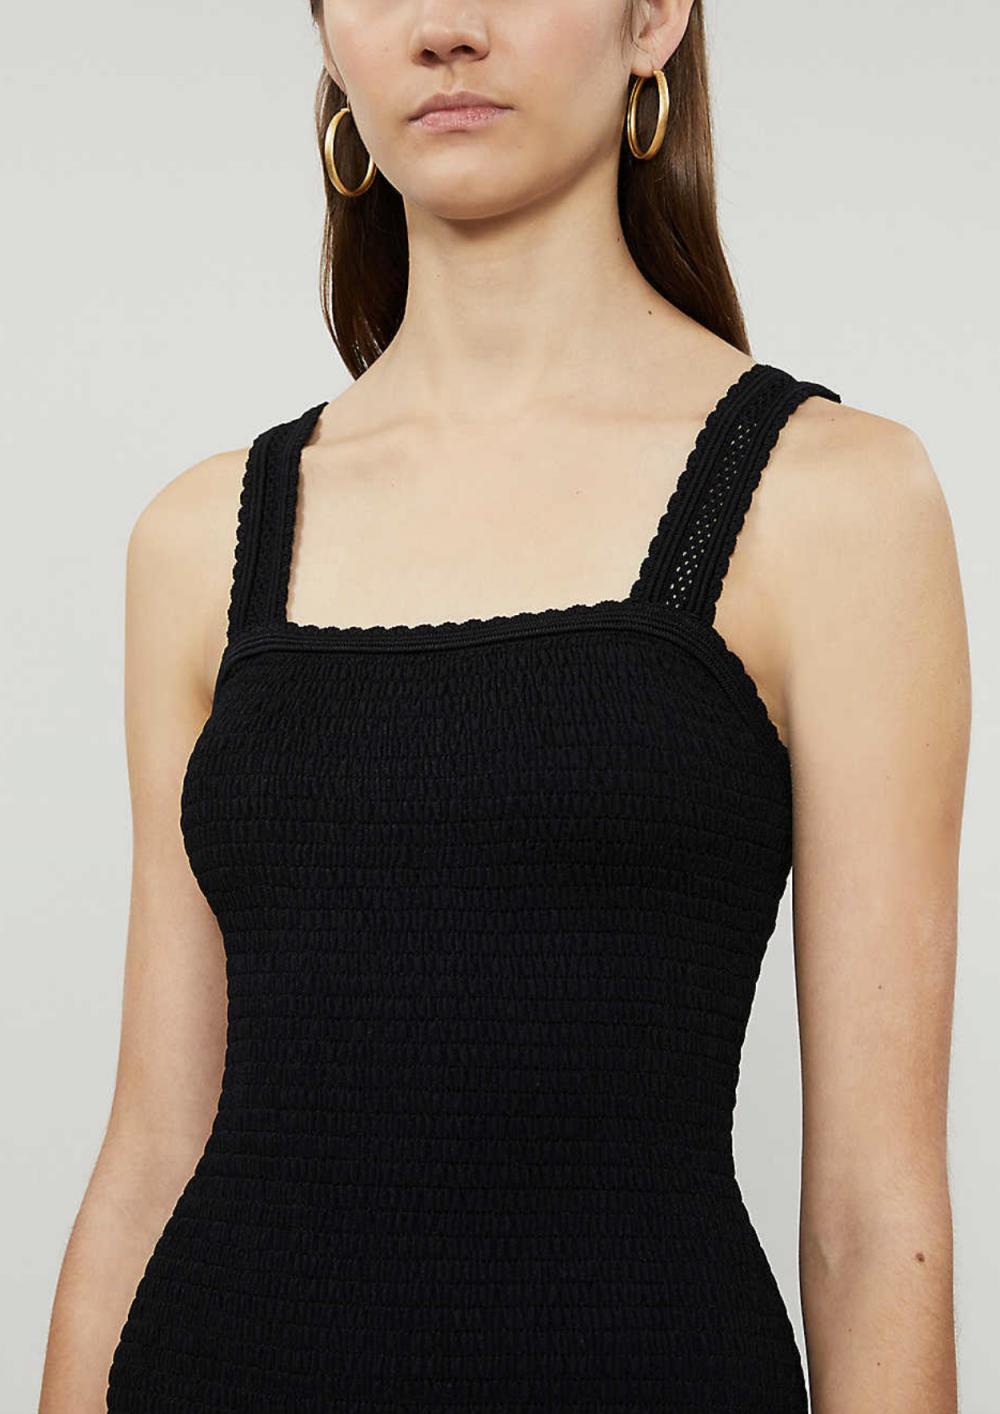 法式優雅連身裙款Selfridges減至半價11